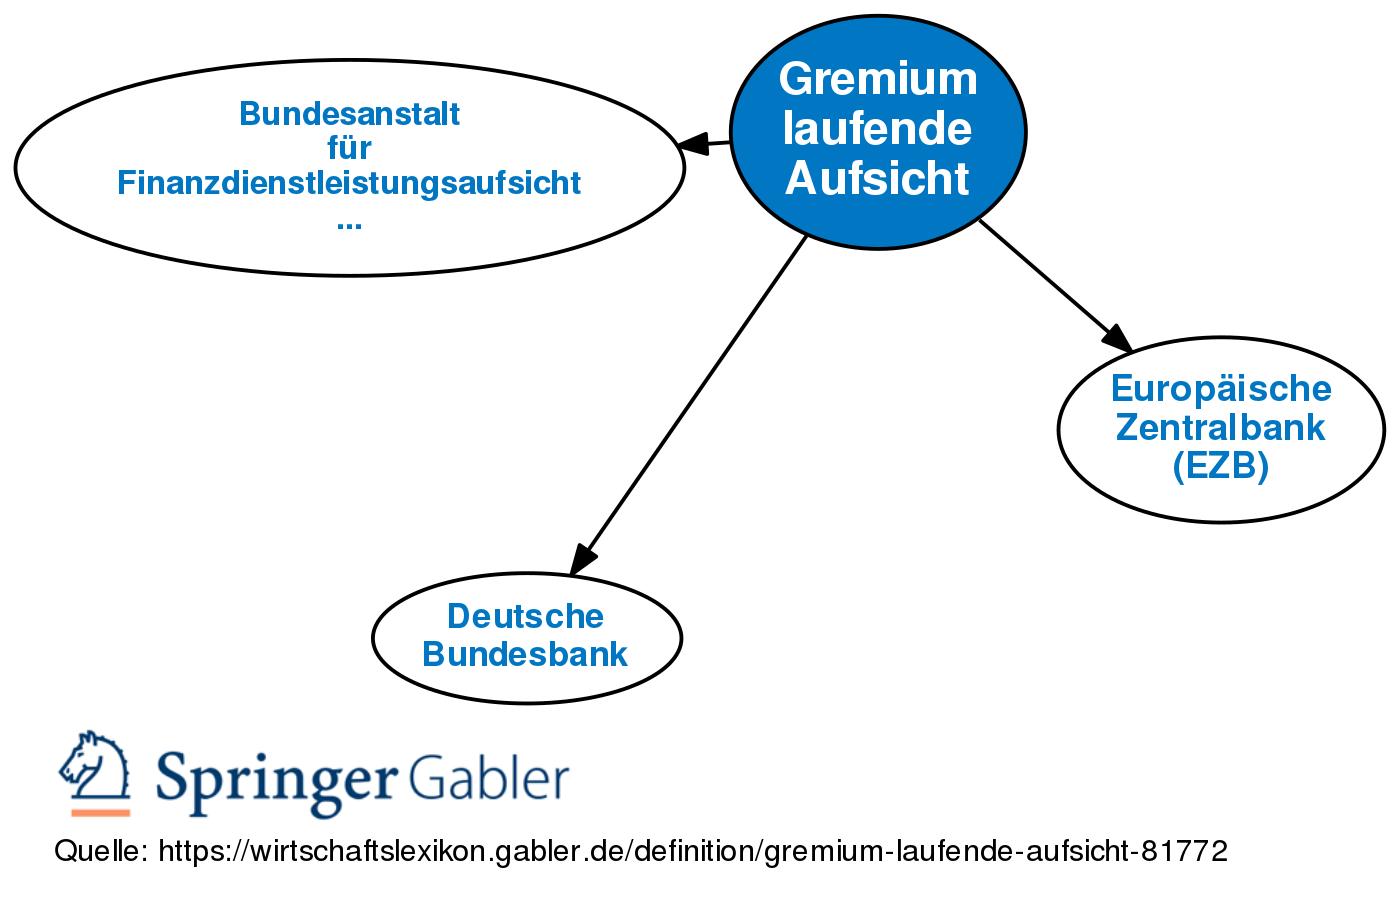 Gremium definition